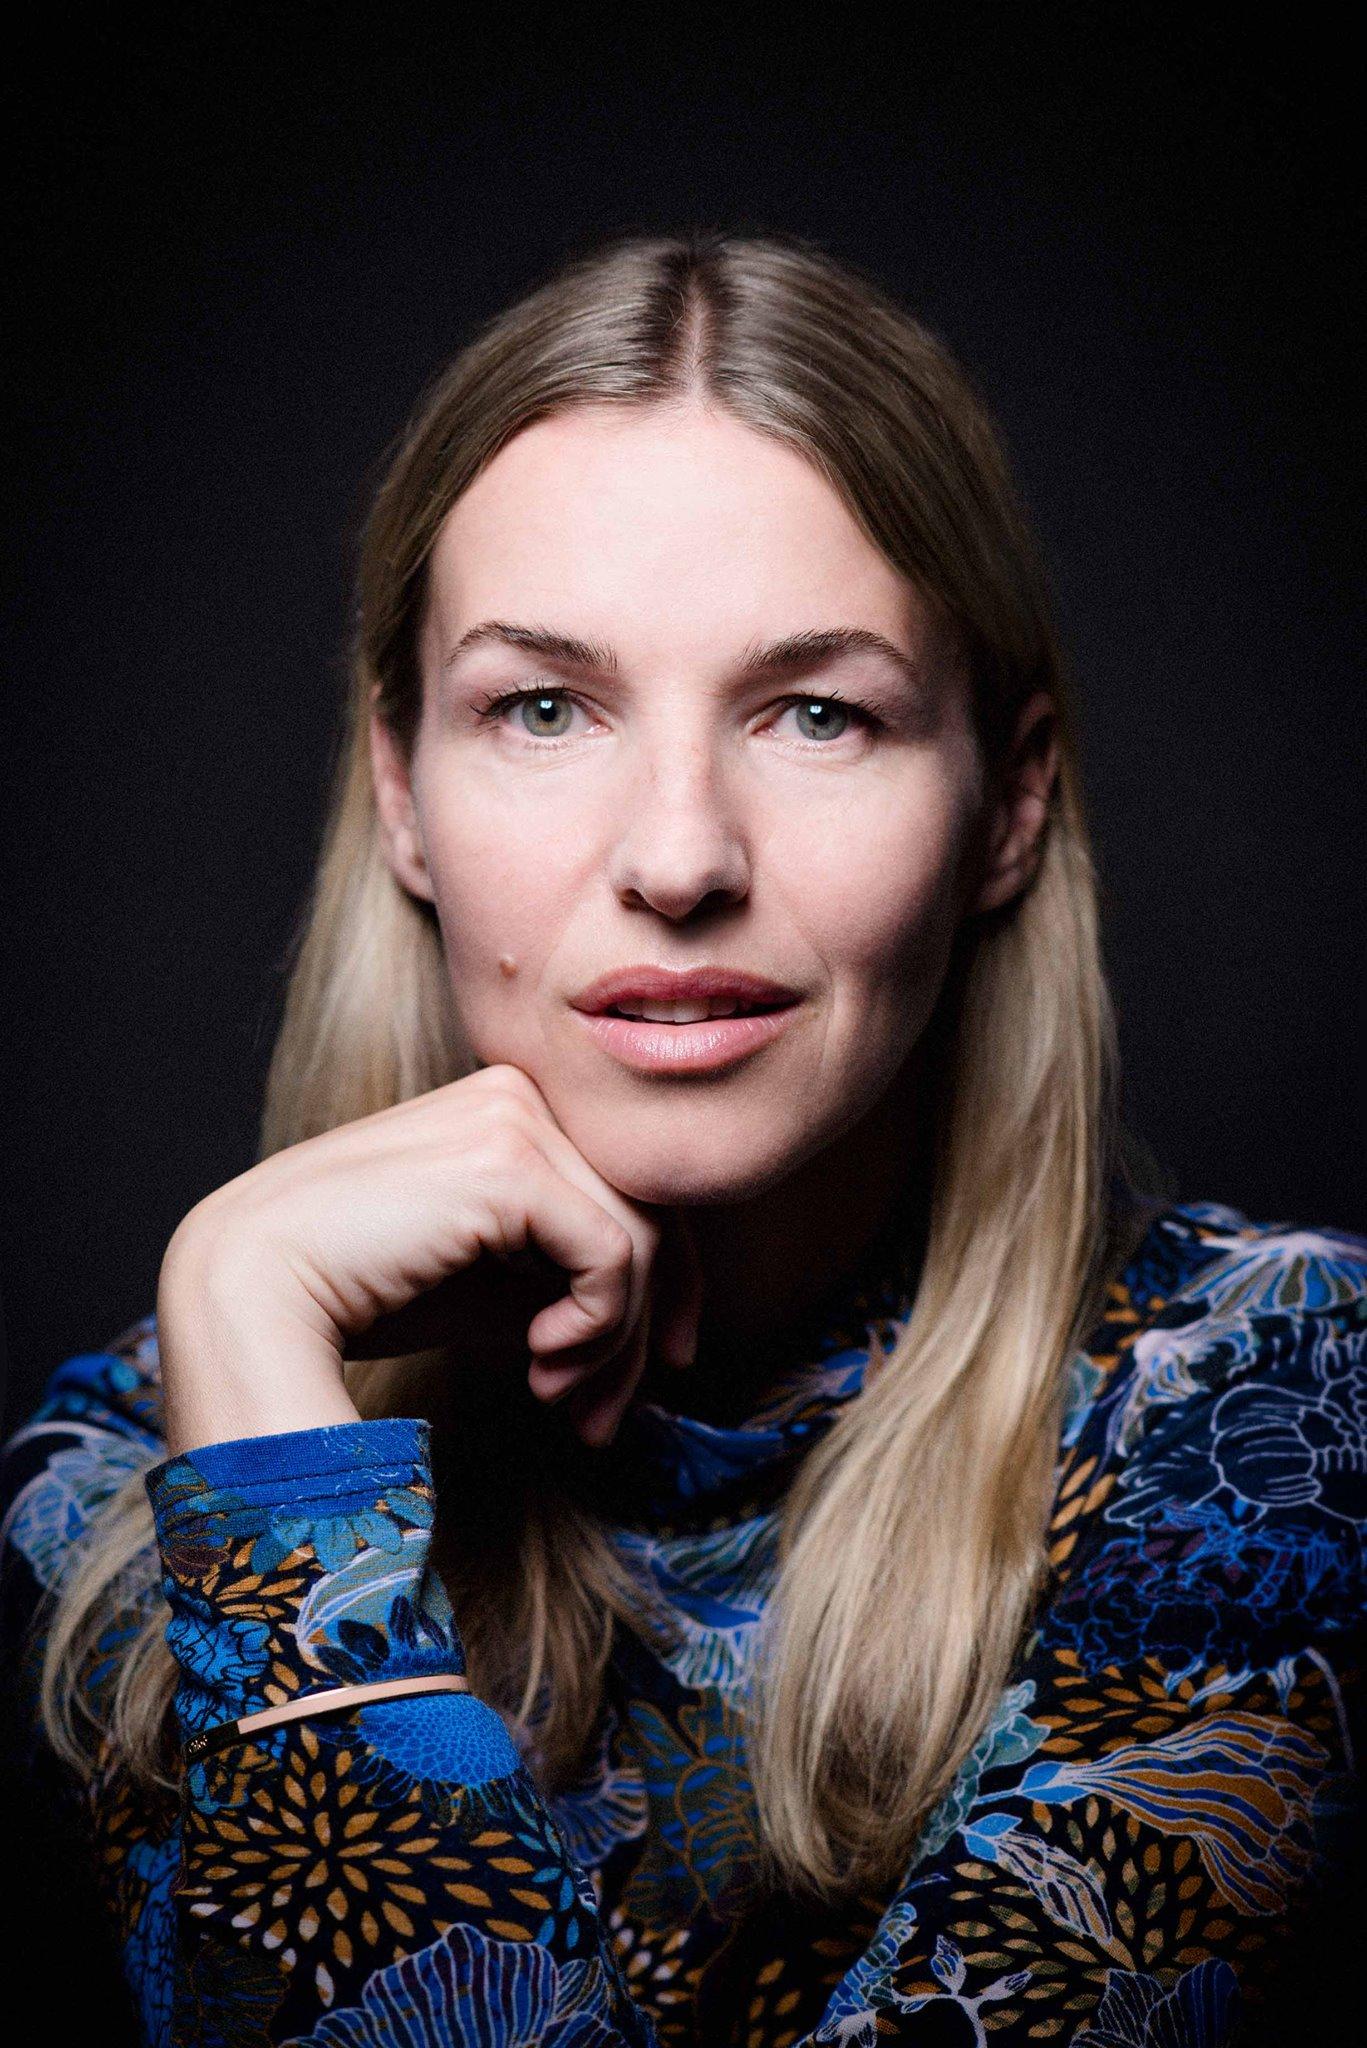 Forfatter Mari Grydeland fotografert av Erika Hebbert.